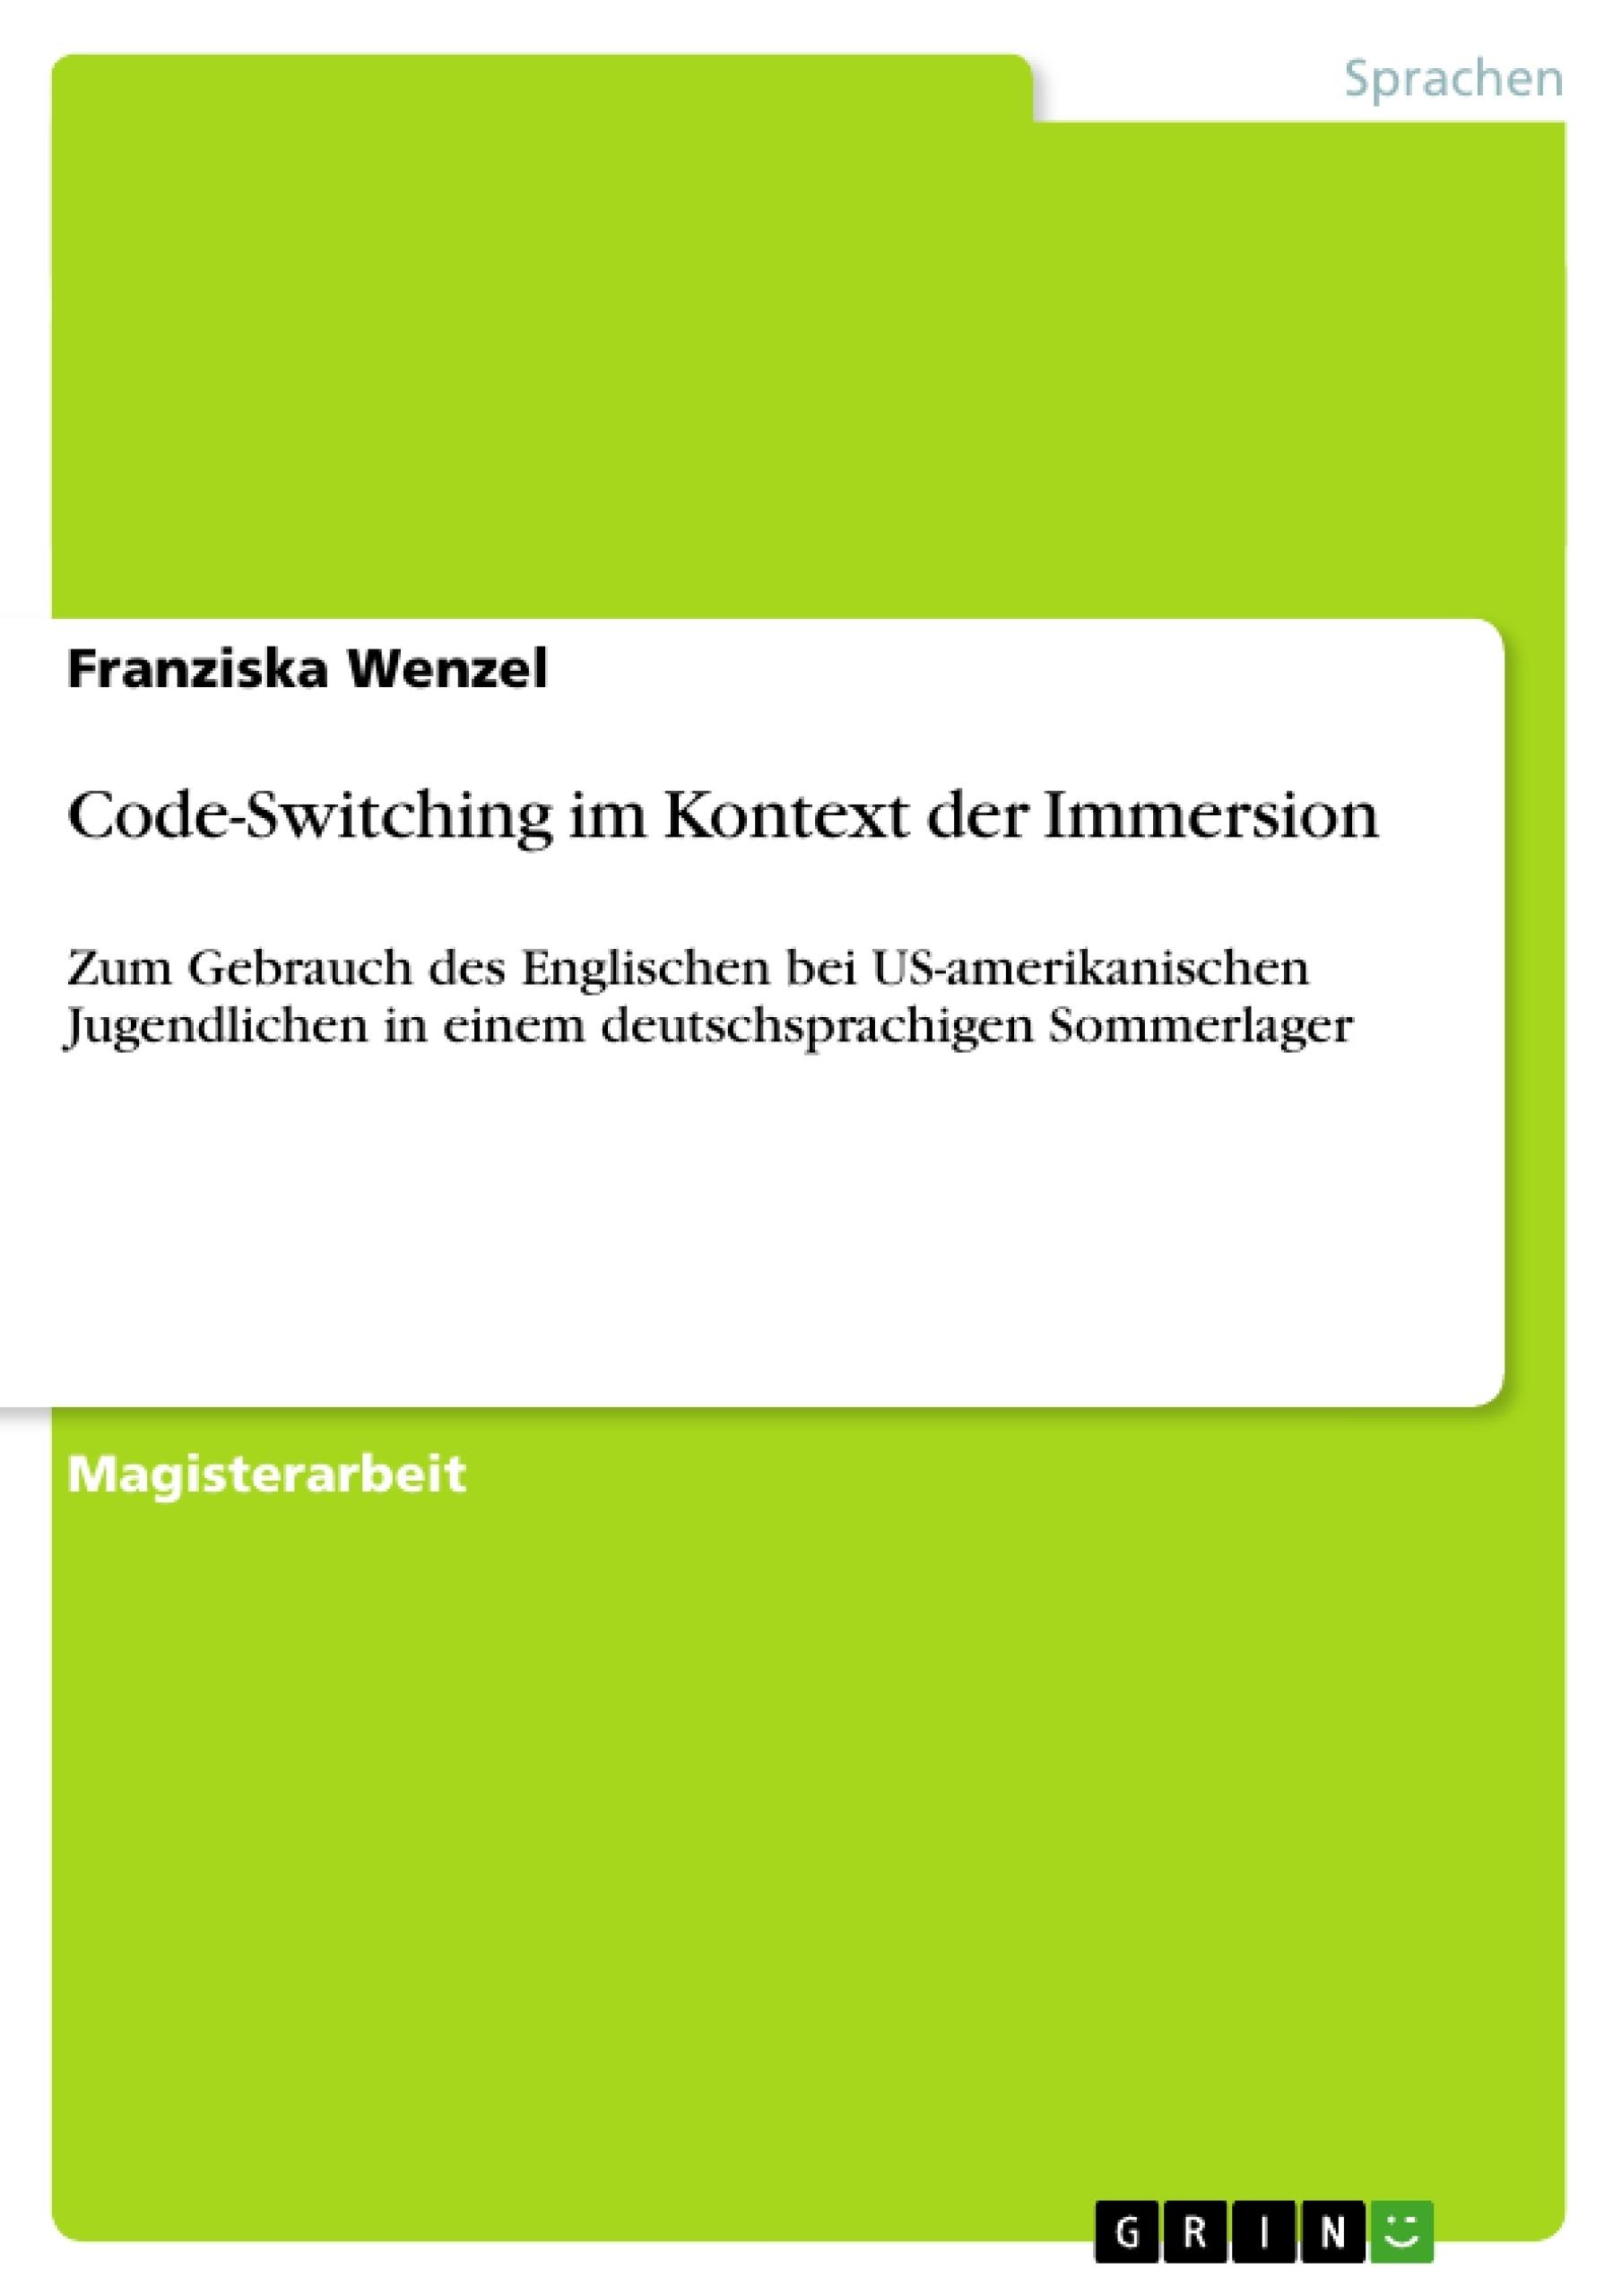 Titel: Code-Switching im Kontext der Immersion